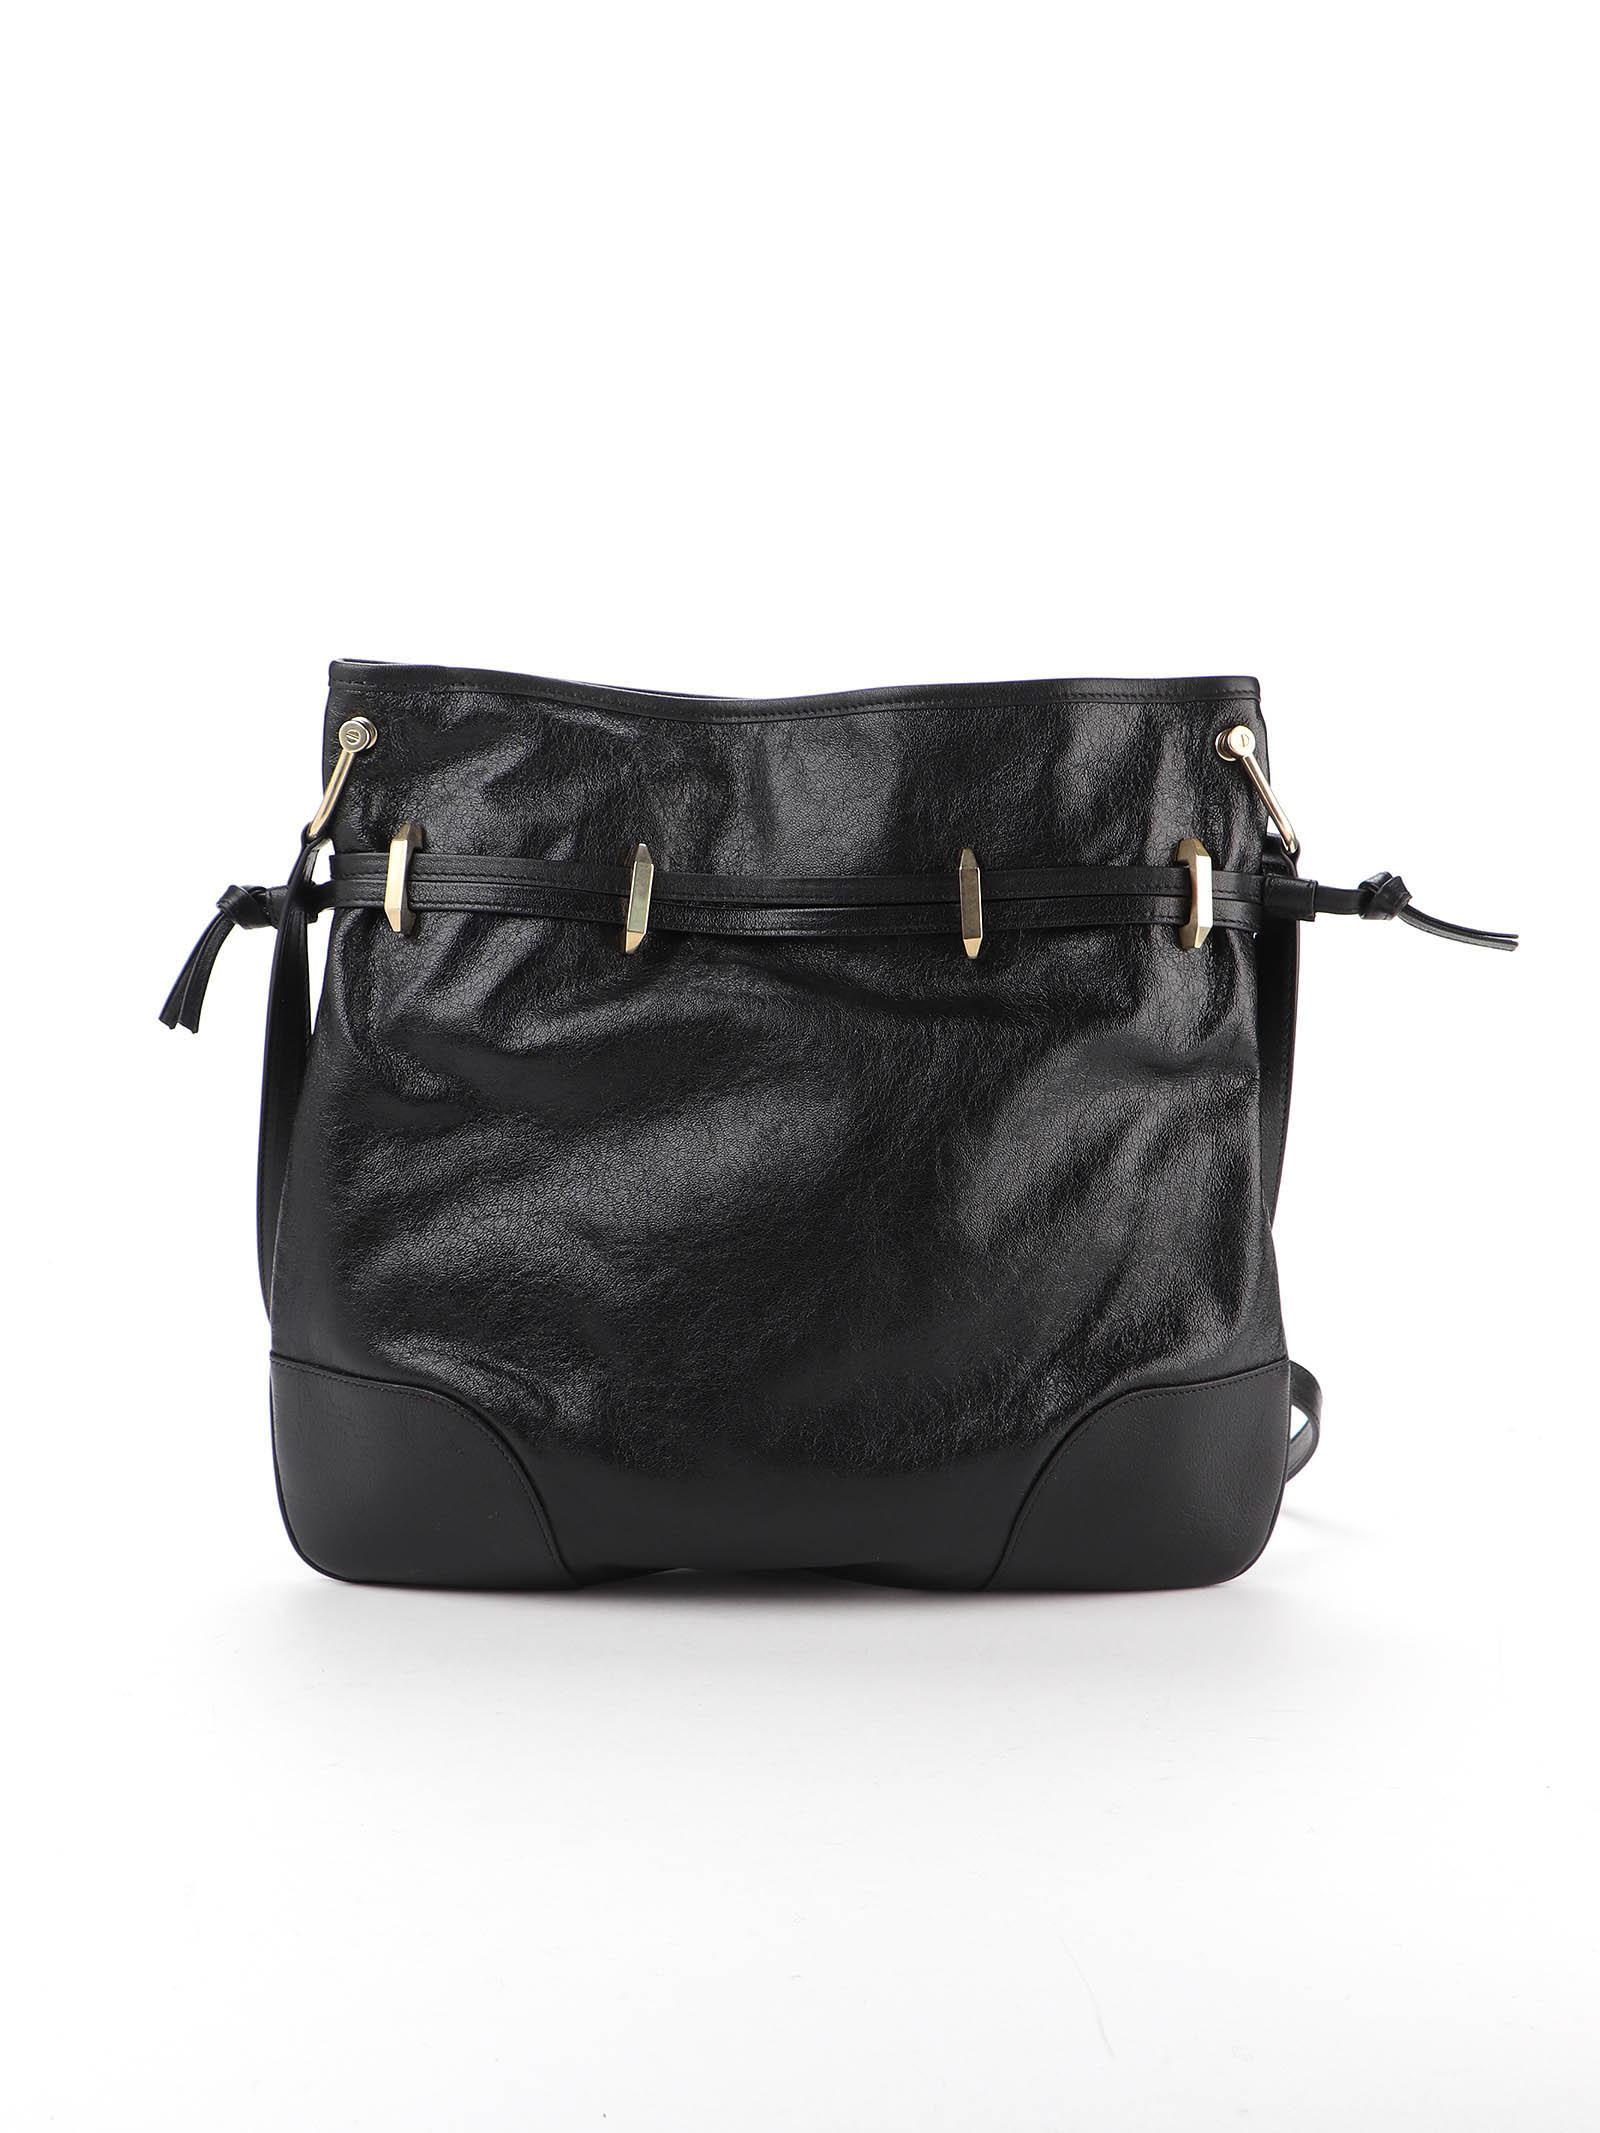 Picture of Gucci   Horsebit Bag